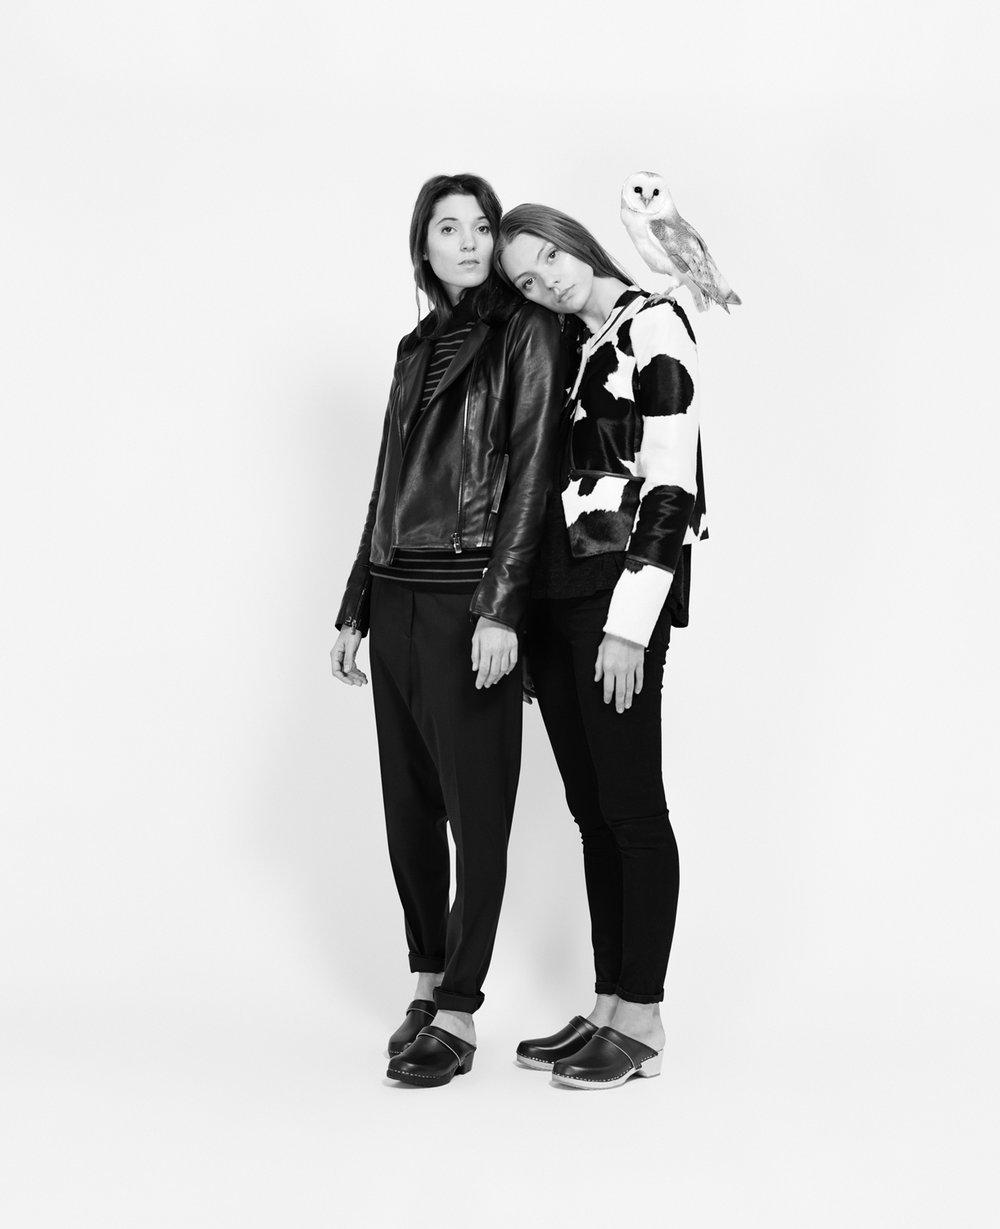 Atelier Bartavelle / David Shama